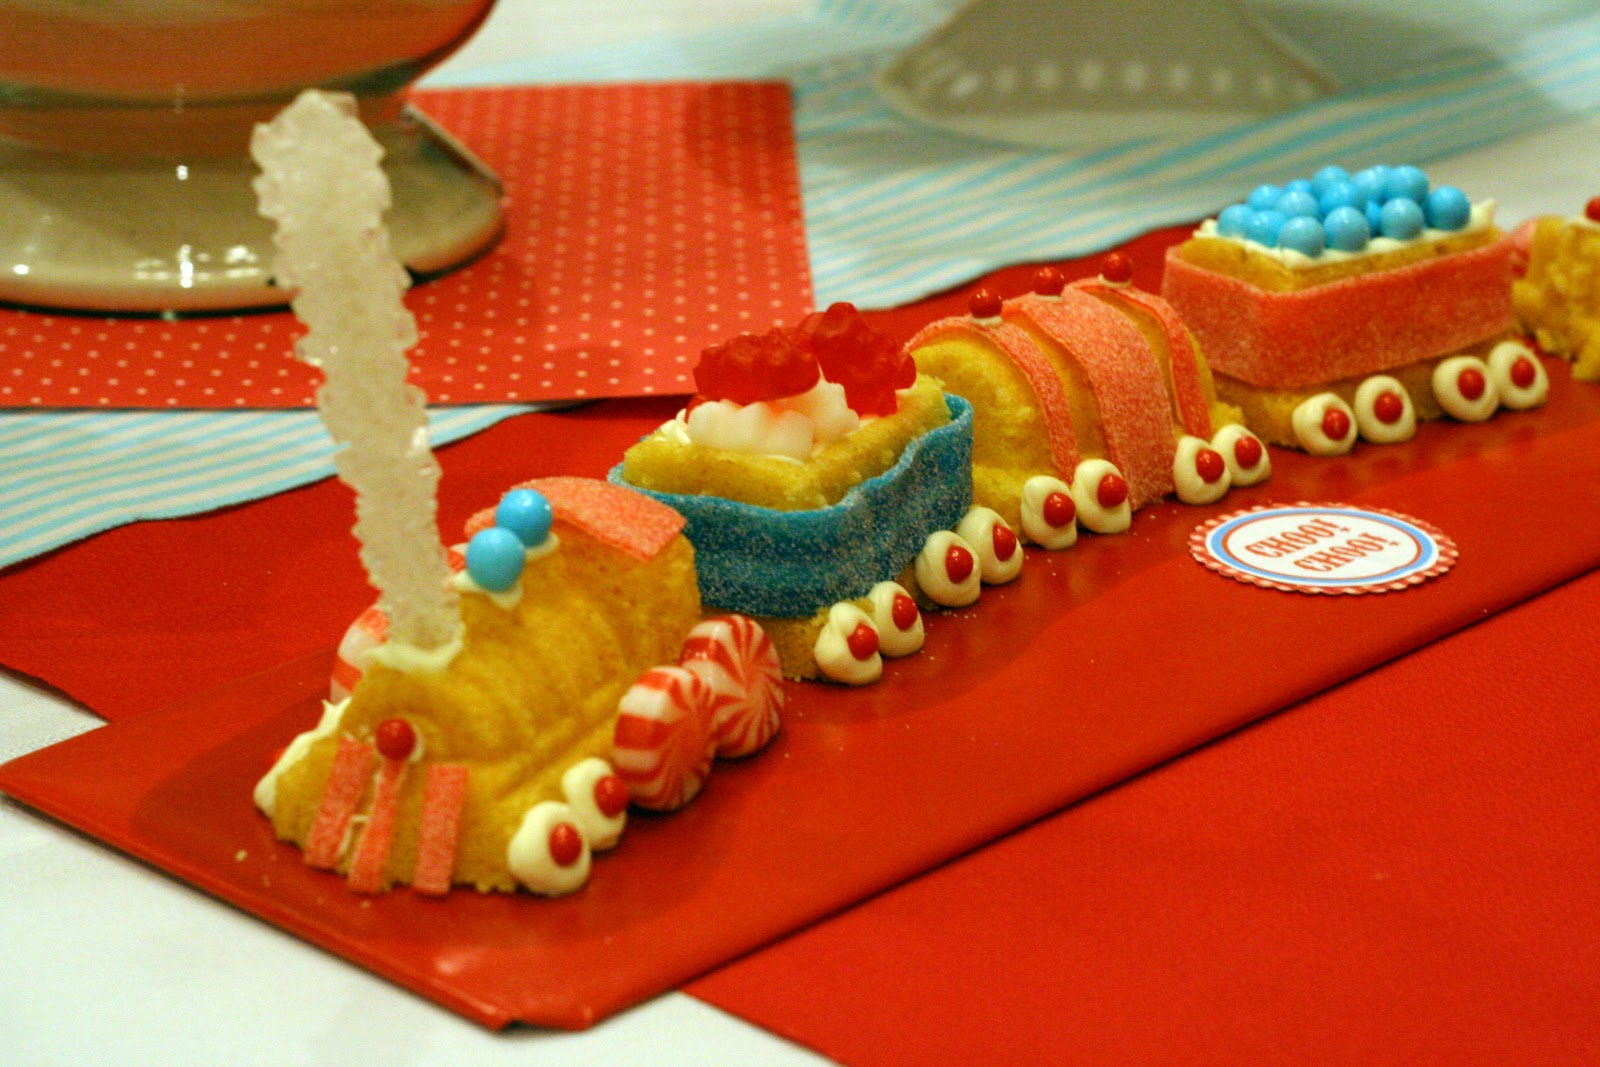 William sonoma train cake recipe